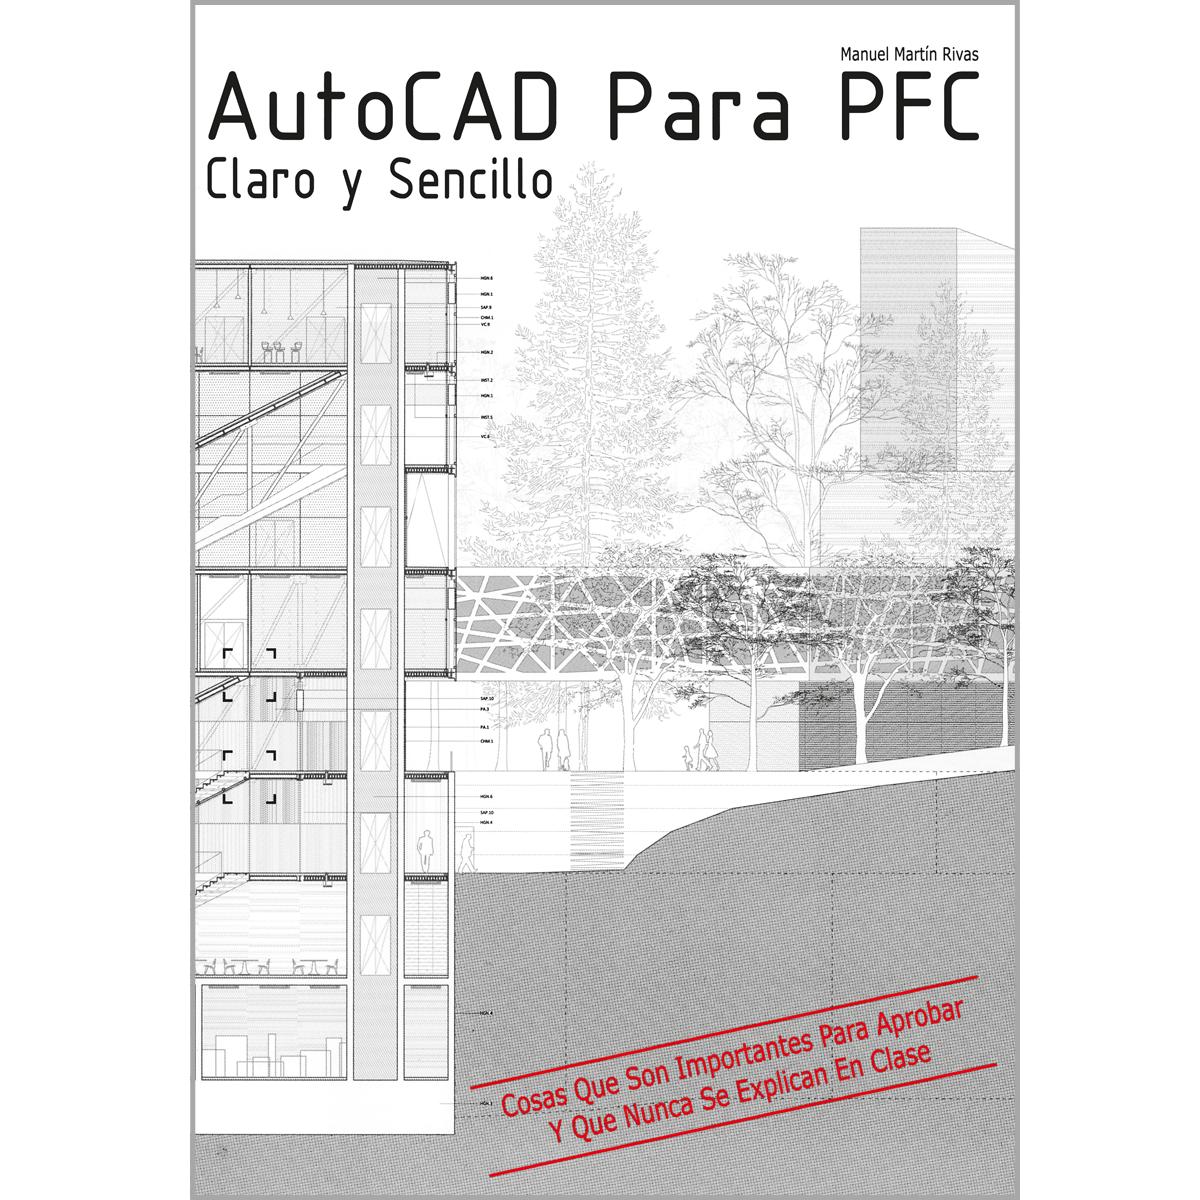 AutoCAD para PFC claro y sencillo